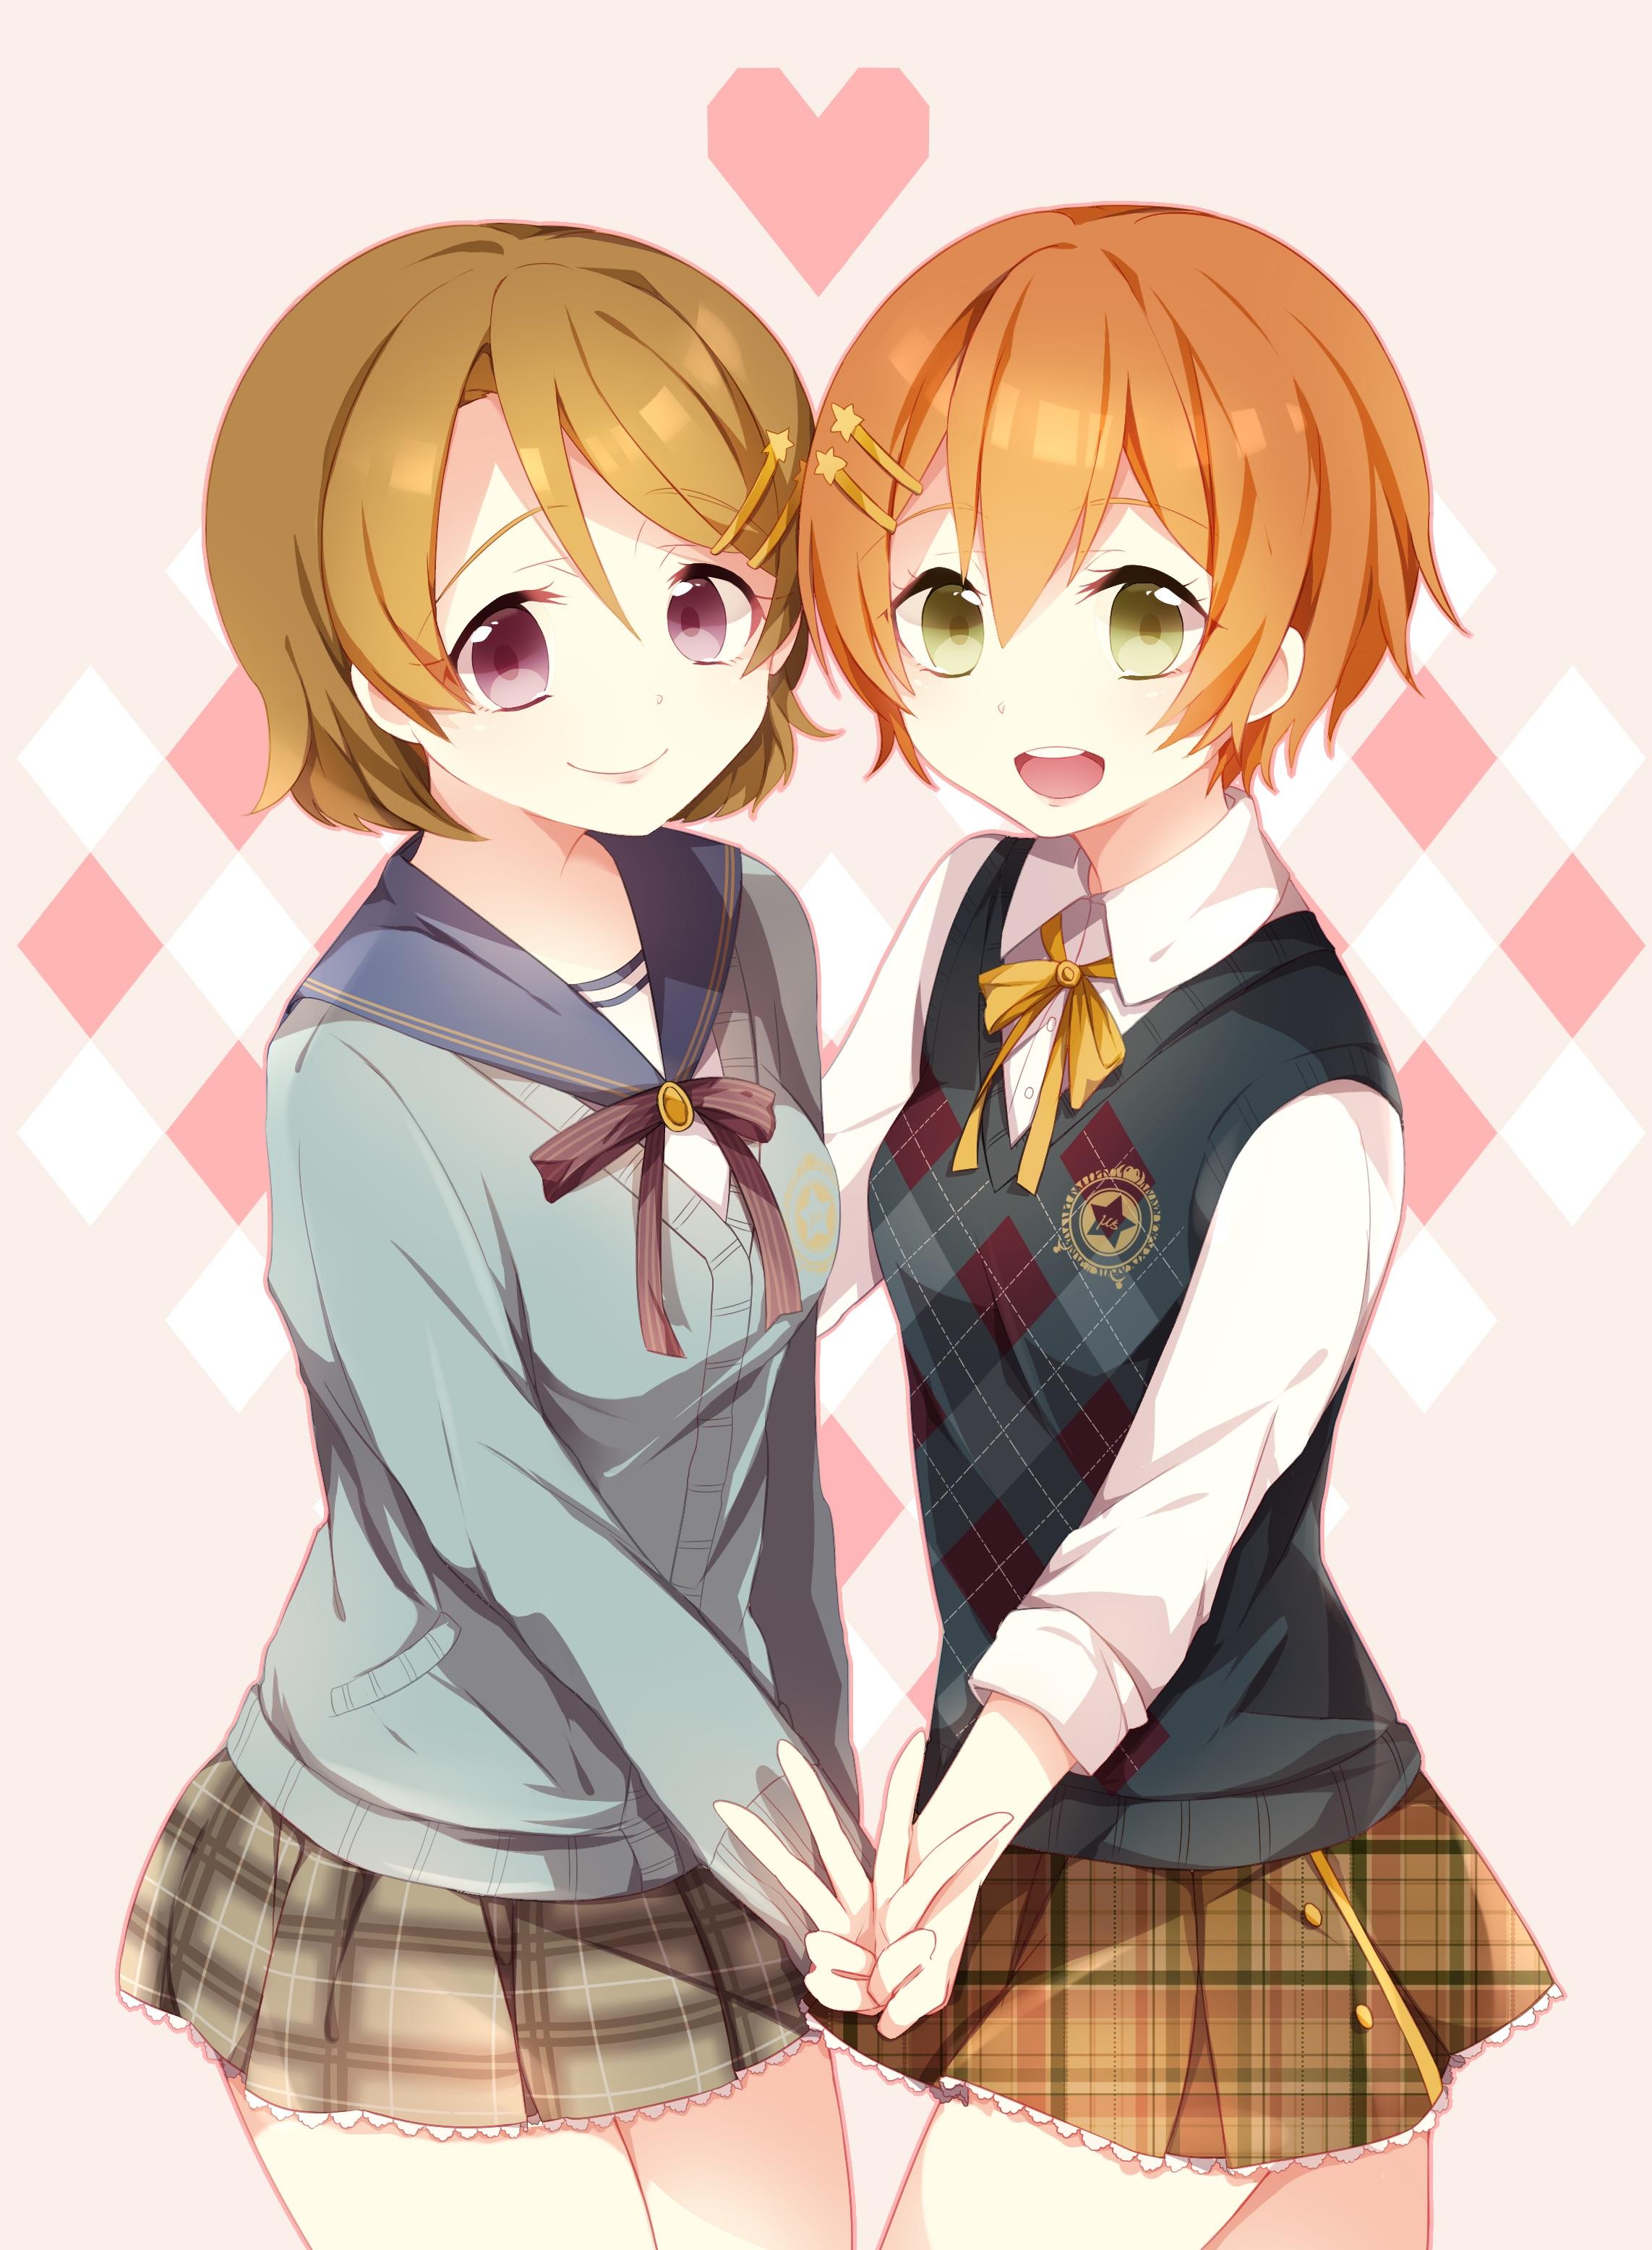 ラブライブ! 小泉花陽 星空凛 / LoveLive! Koizumi Hanayo Hoshizora Rin #3160